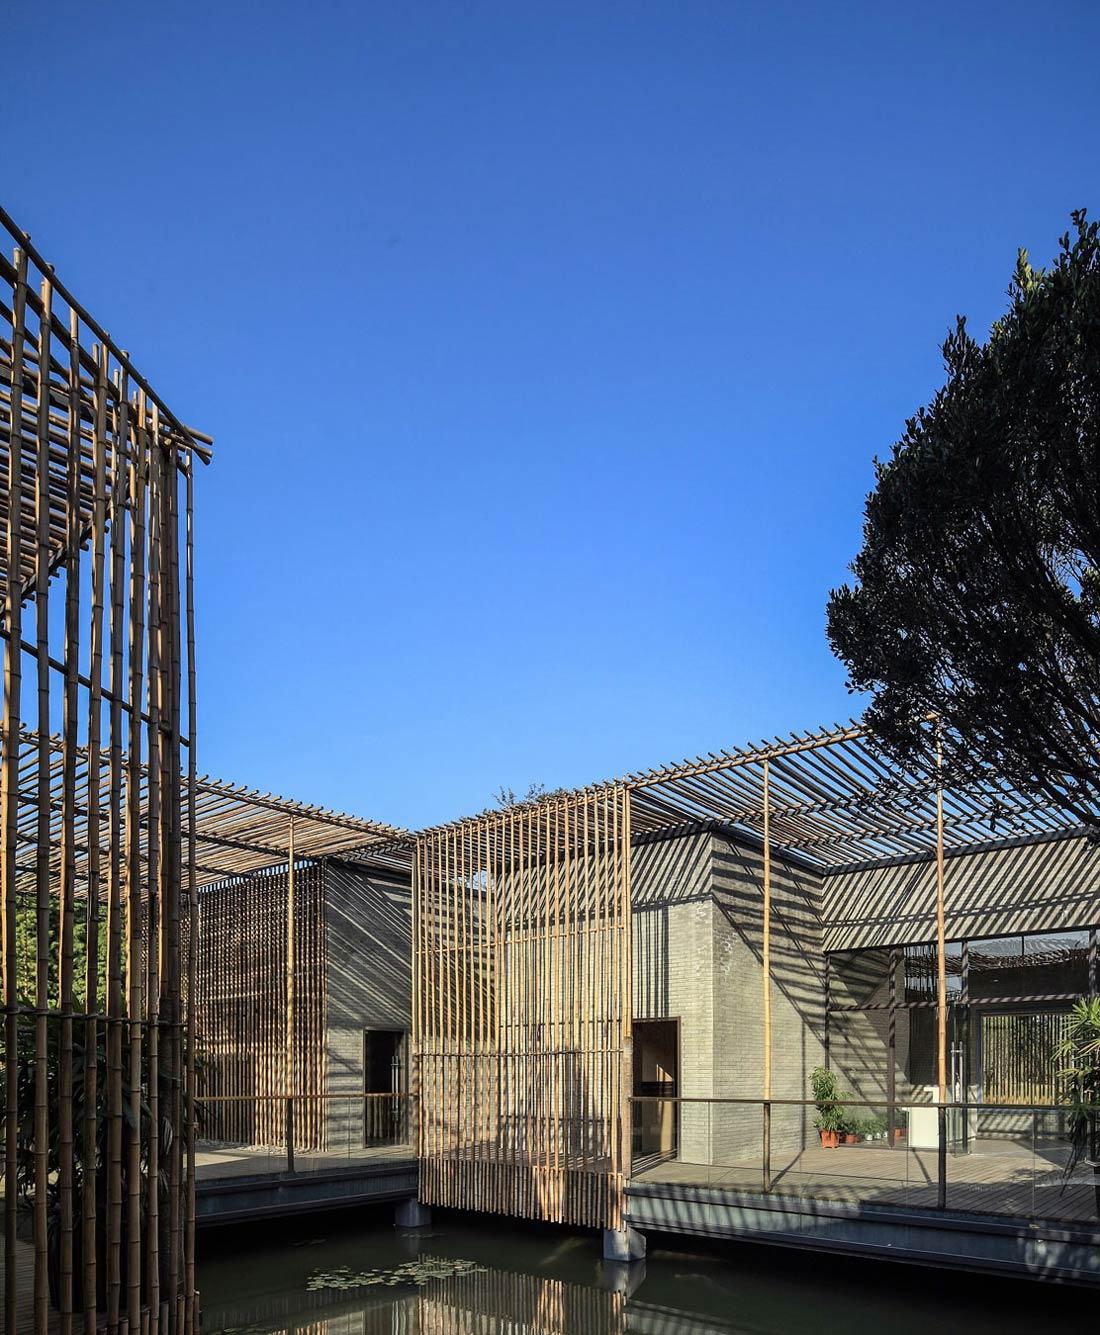 Courtyard, Floating Bamboo Courtyard Teahouse in ShiQiao, China